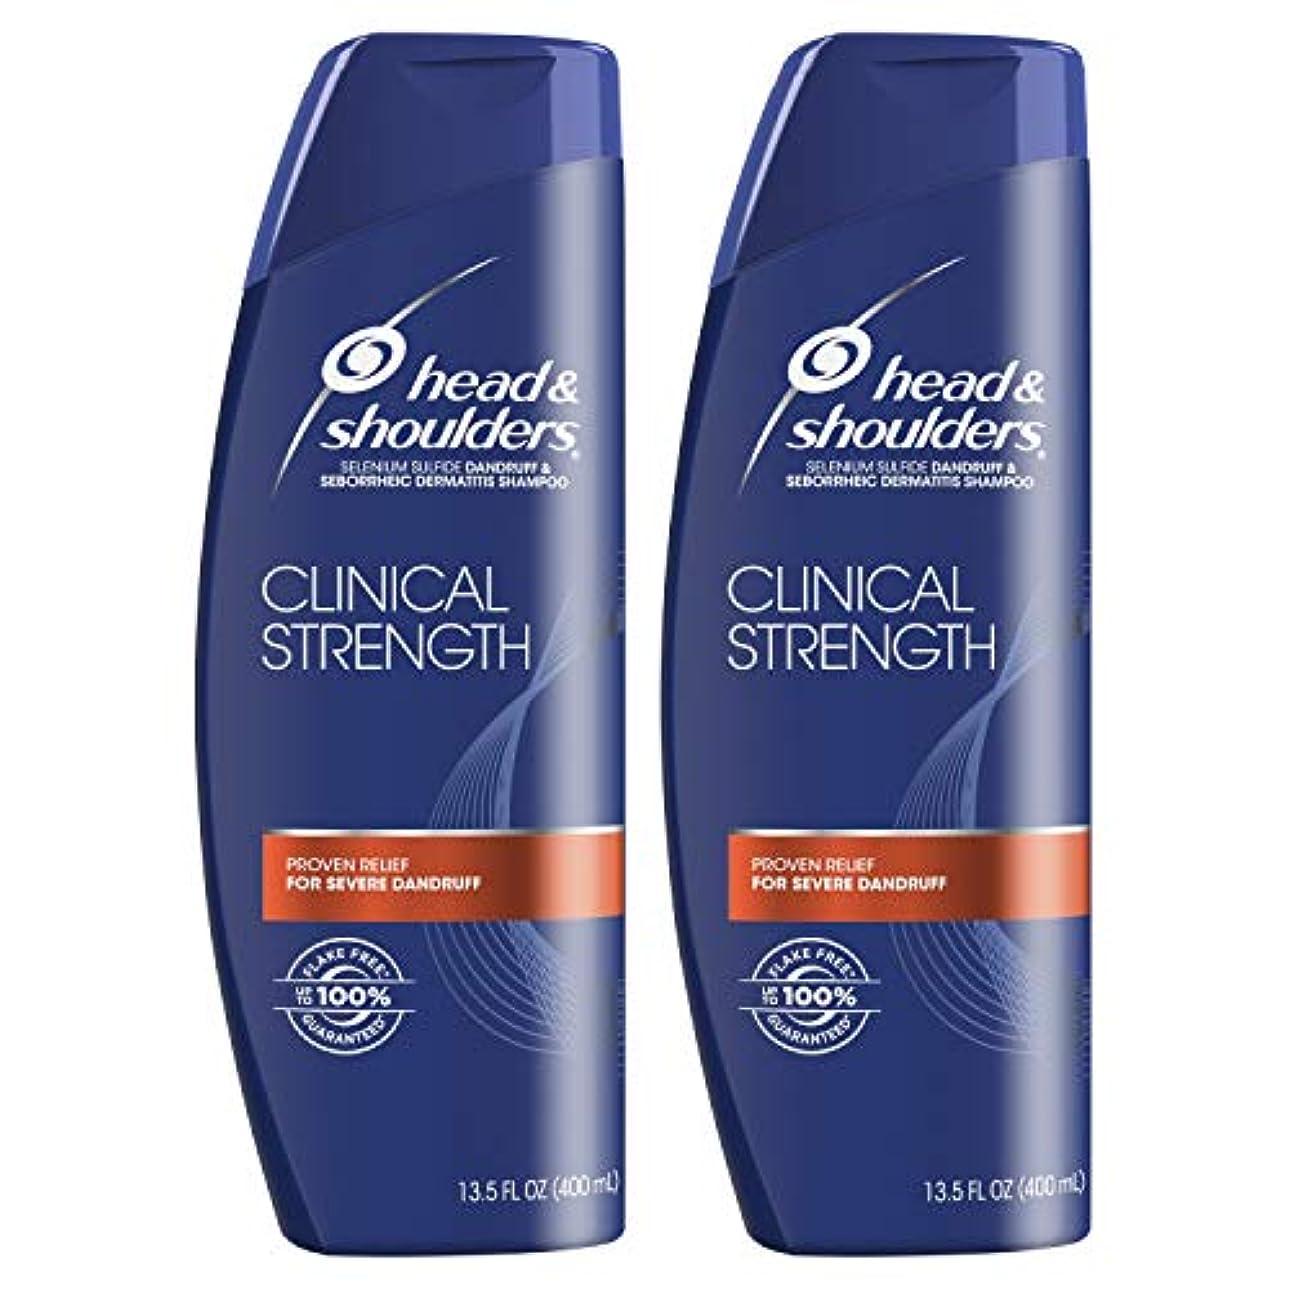 ステレオタイプ好奇心省略するHead and Shoulders Clinical Strength Dandruff and Seborrheic Dermatitisシャンプー、13.5 FL OZ